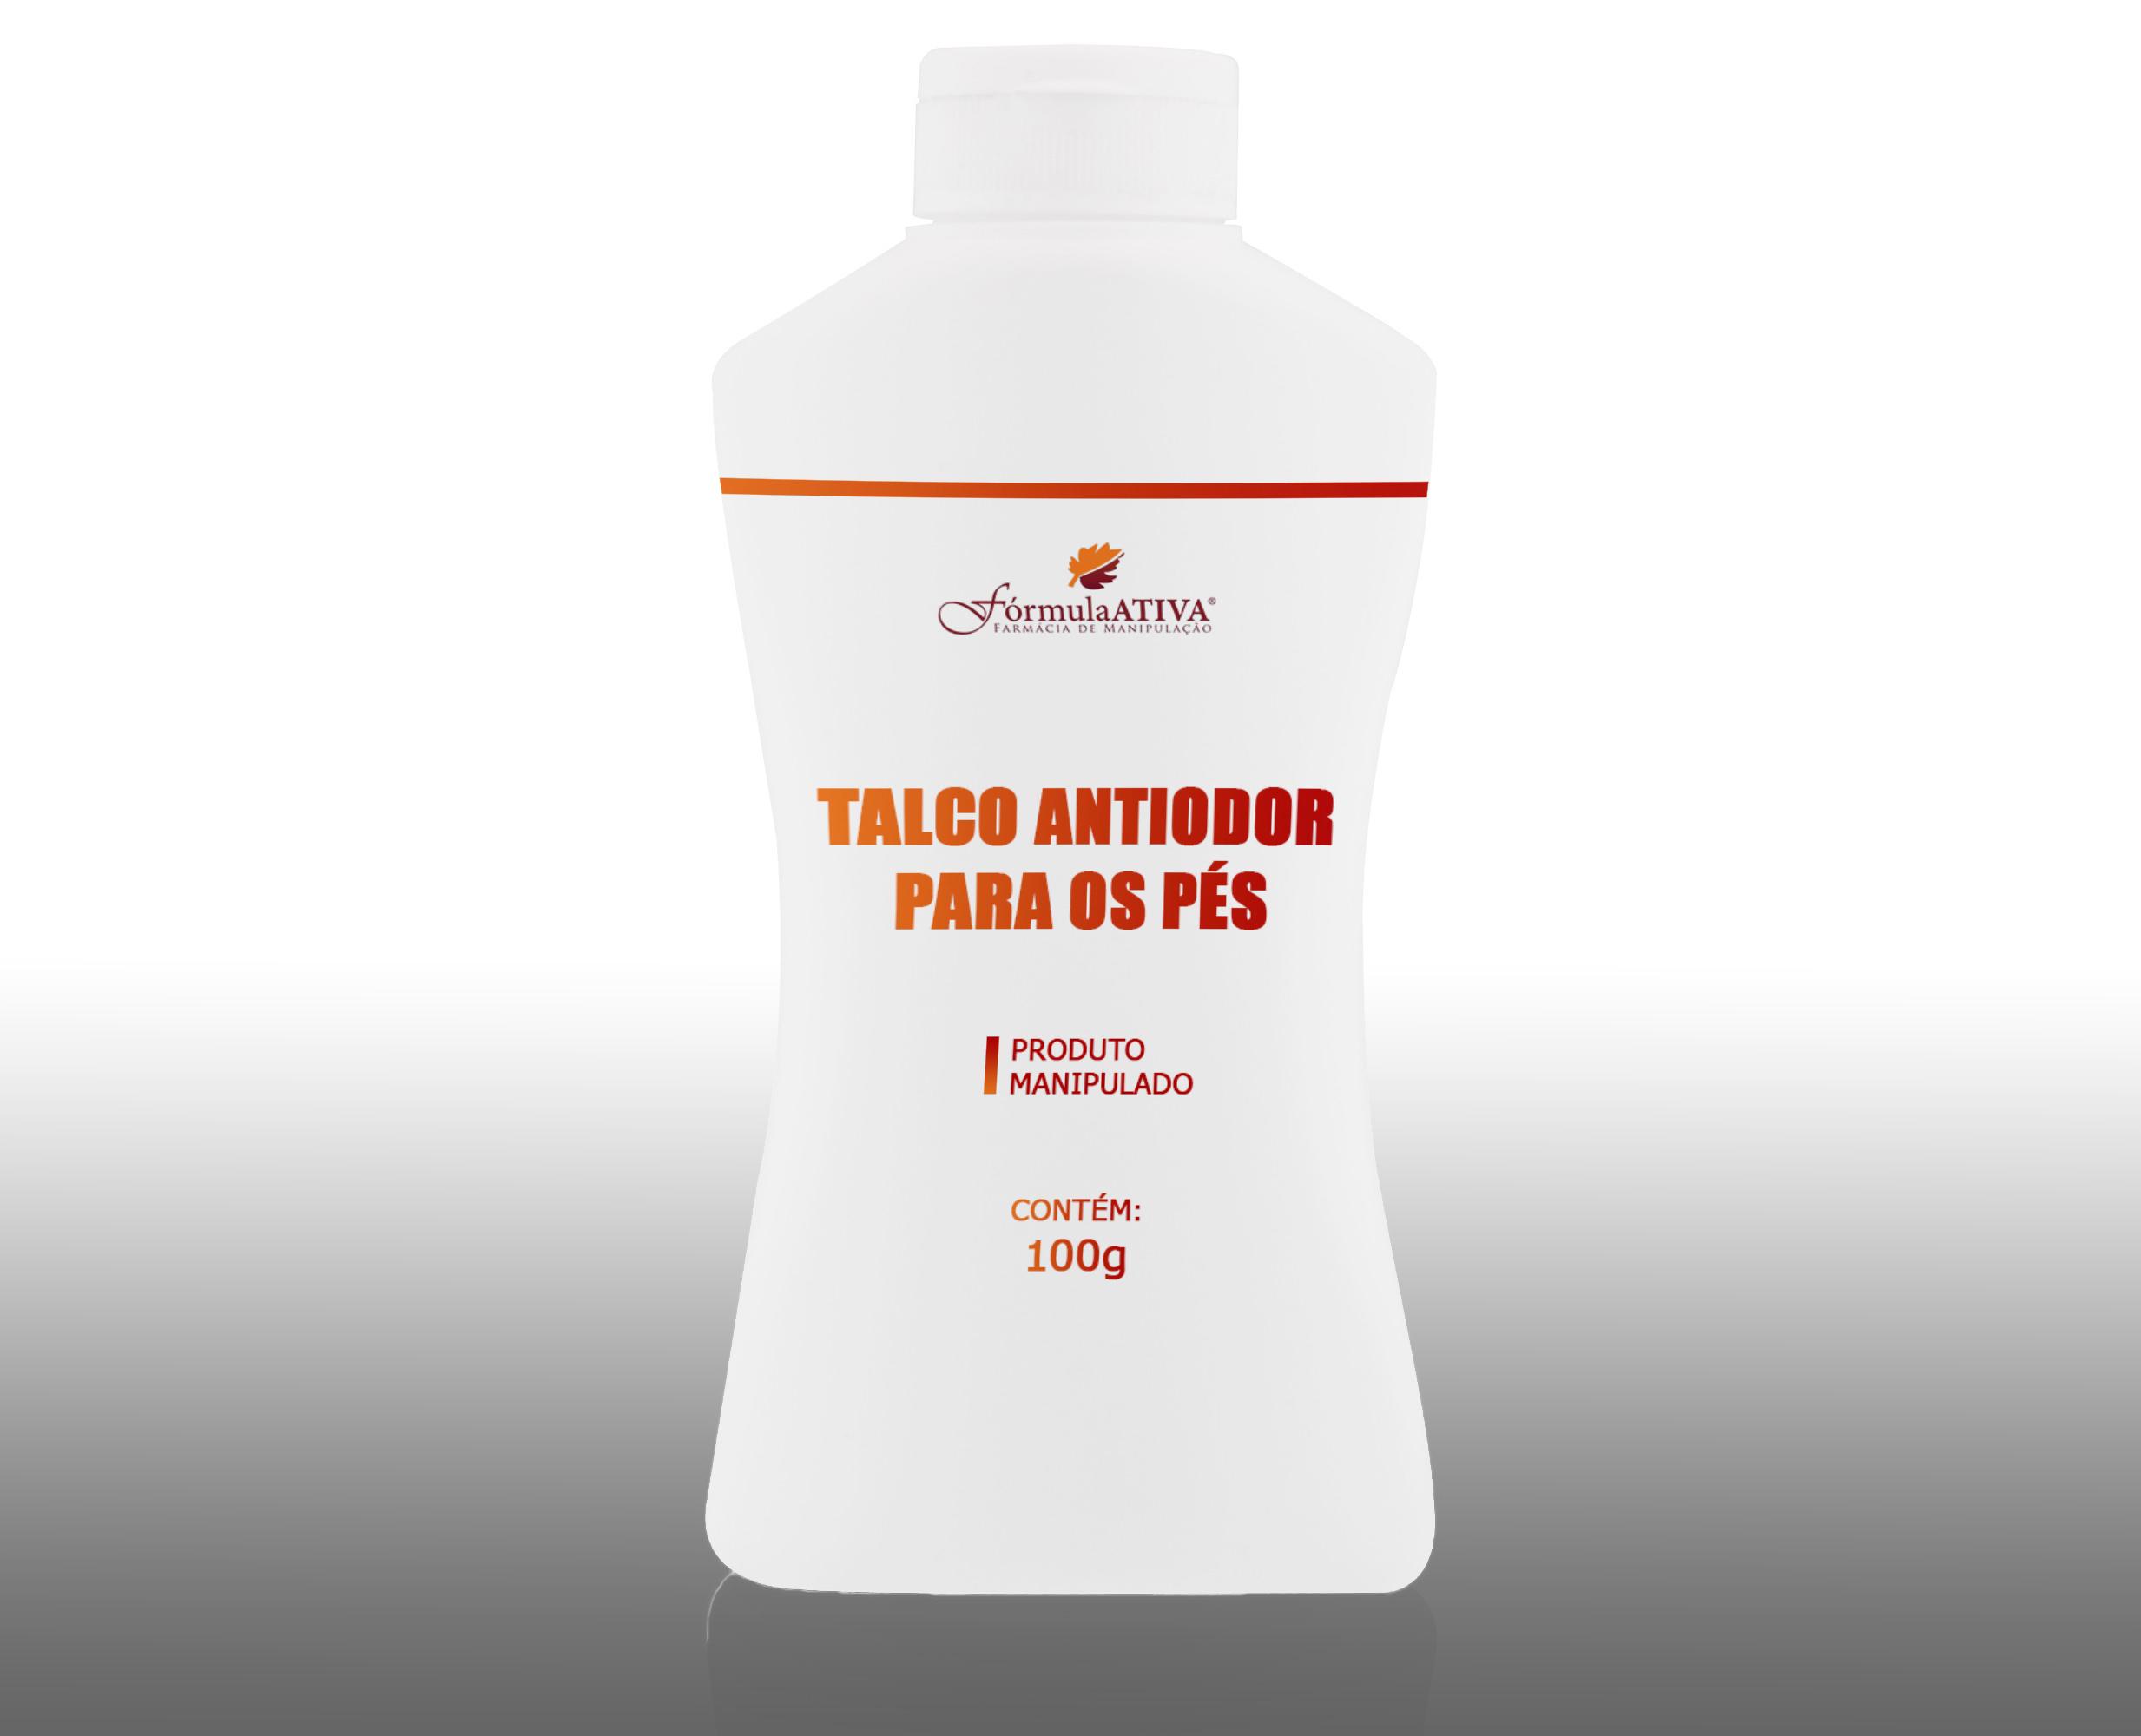 TALCO ANTI ODOR (100g)